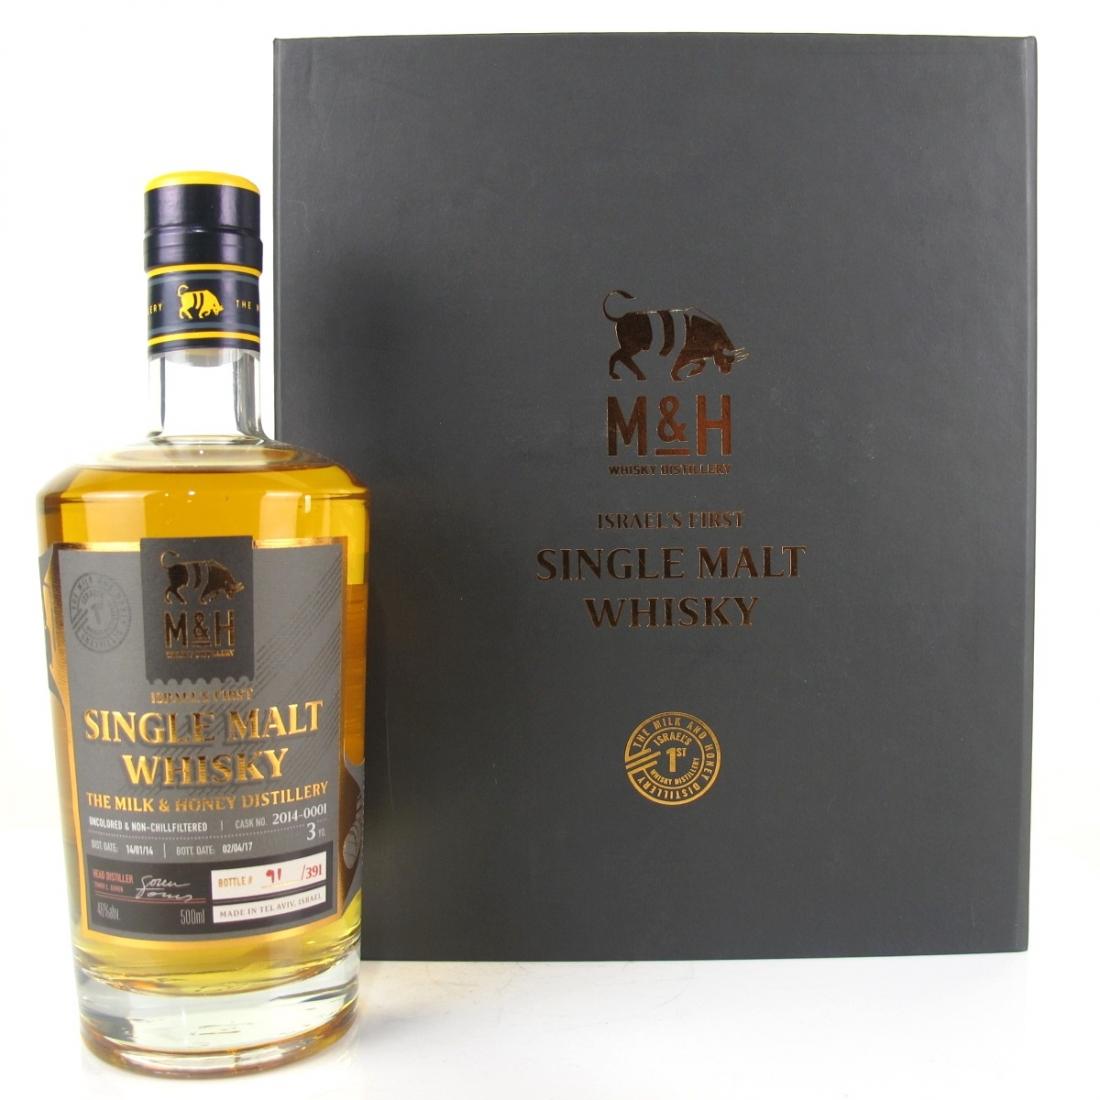 Milk & Honey Israel's First Single Malt Whisky : Bottle #091